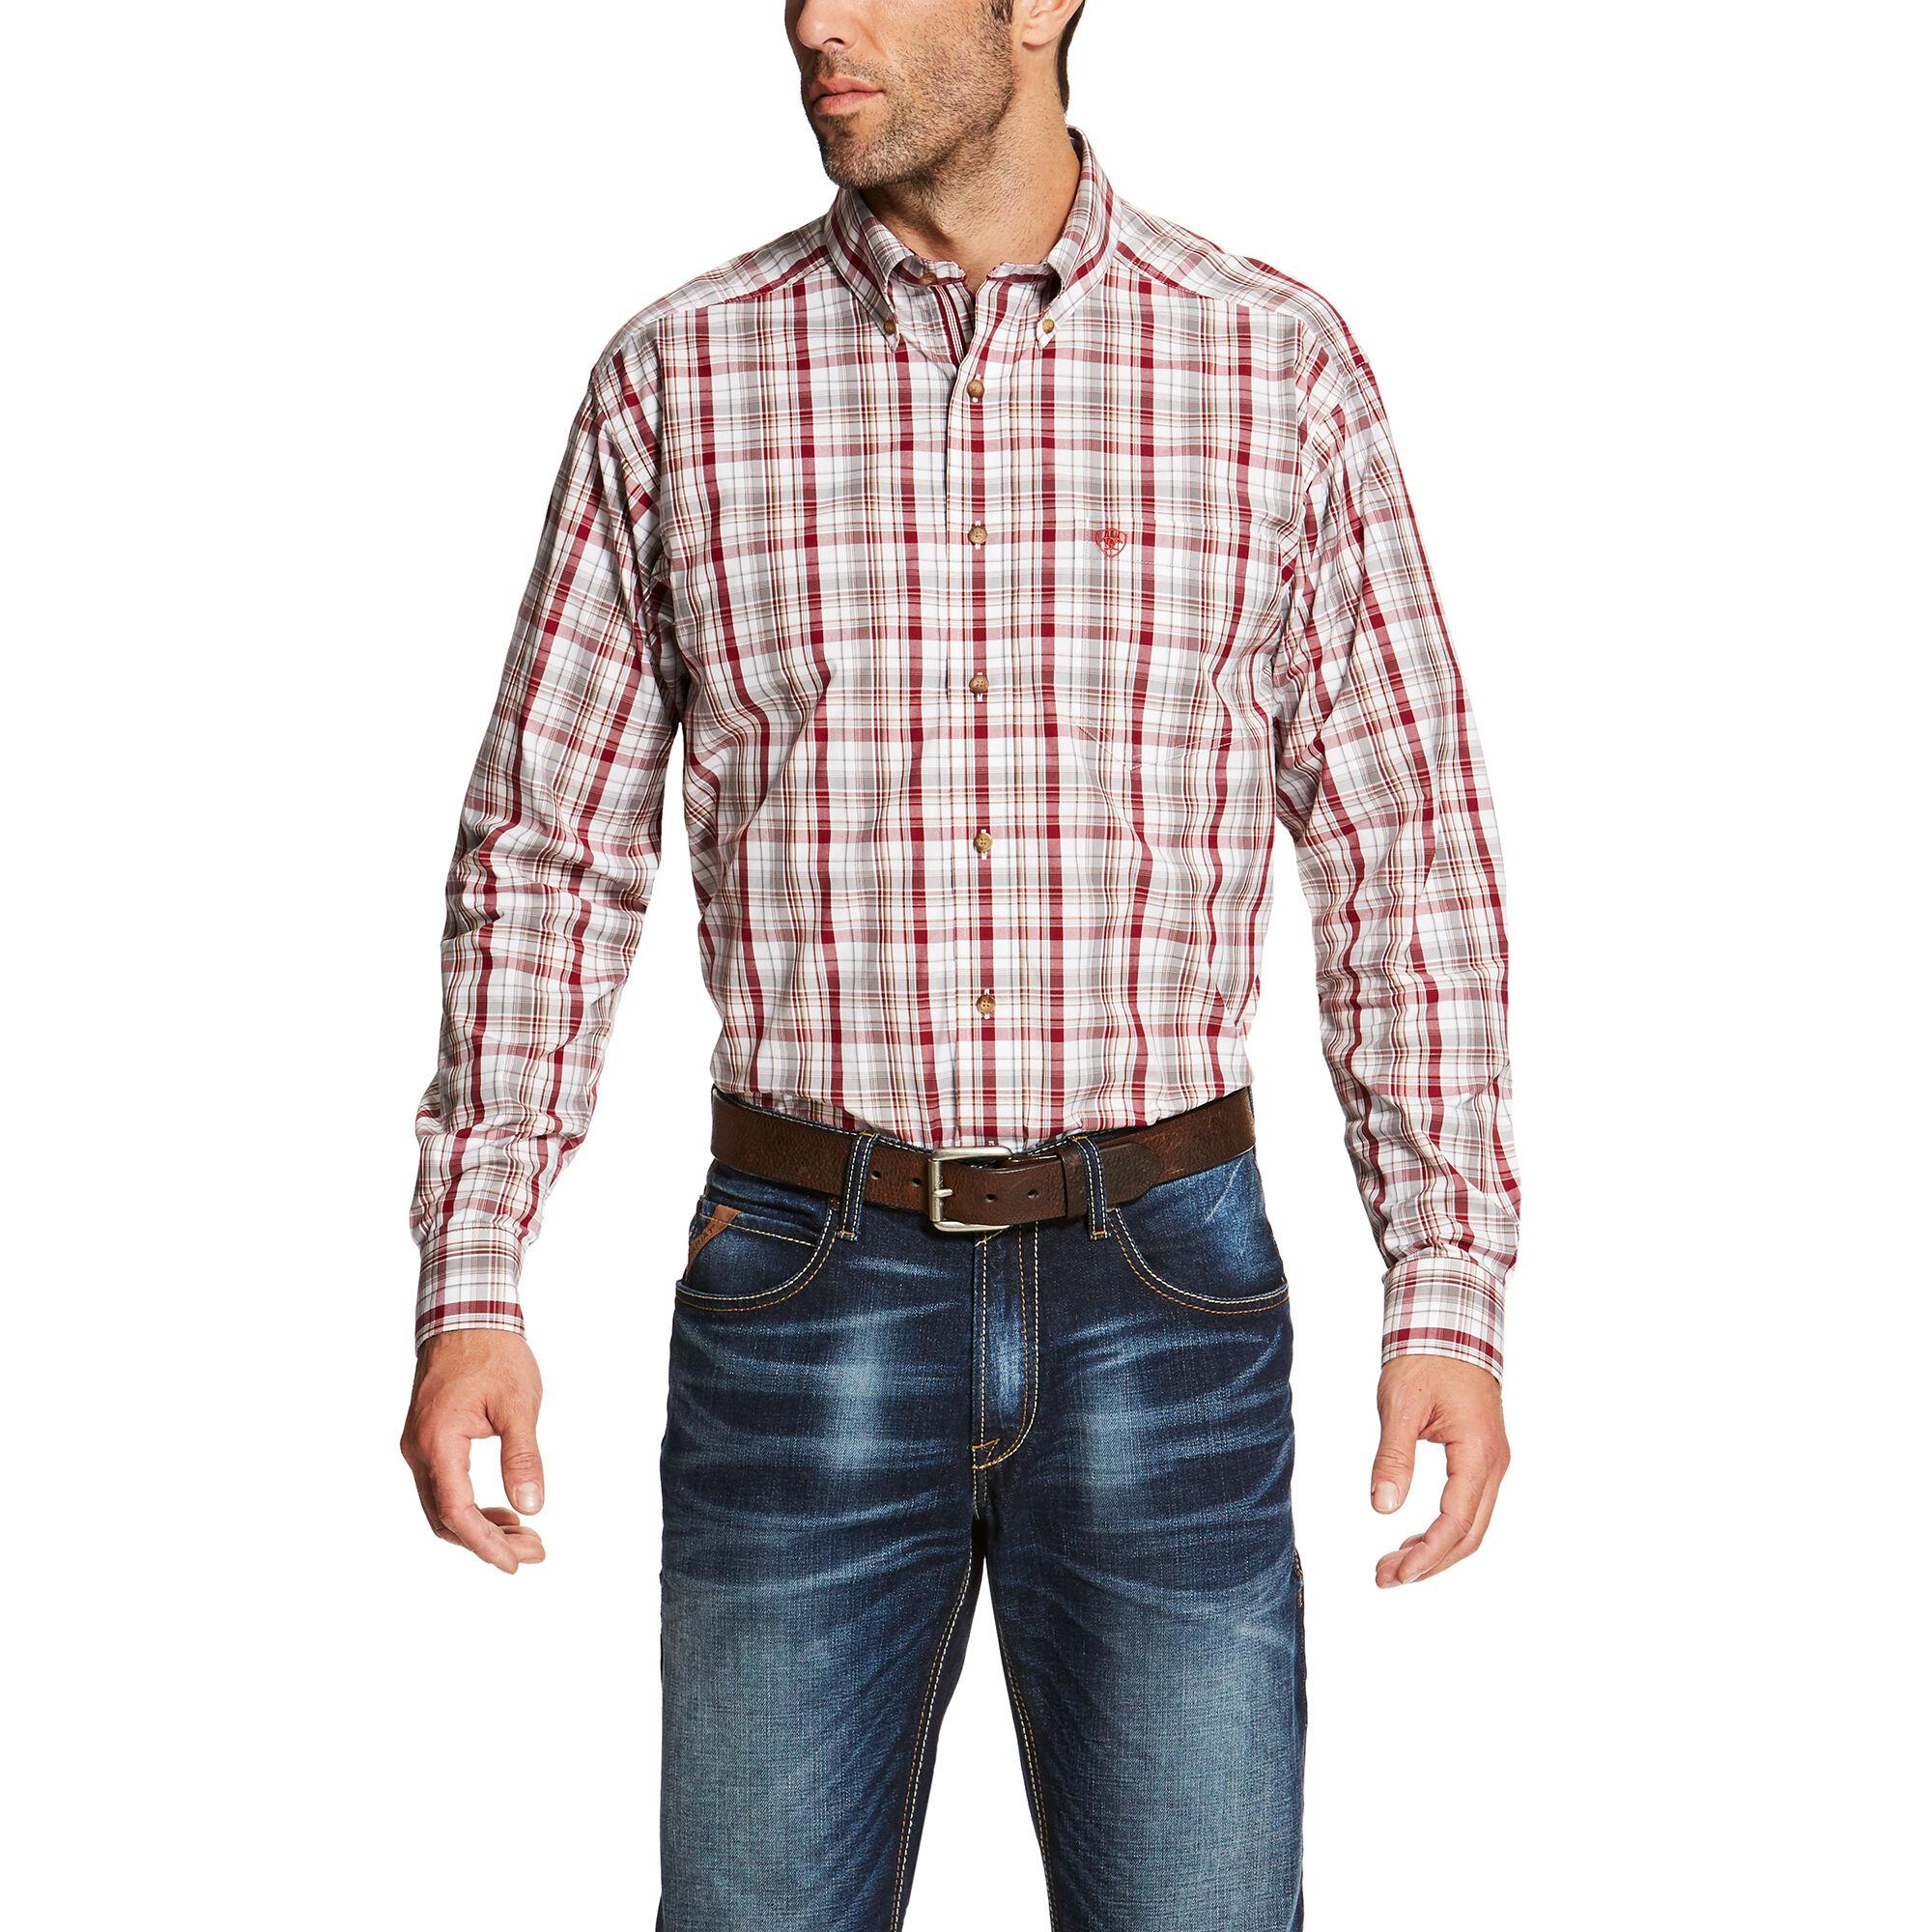 Pro Series Salton Shirt